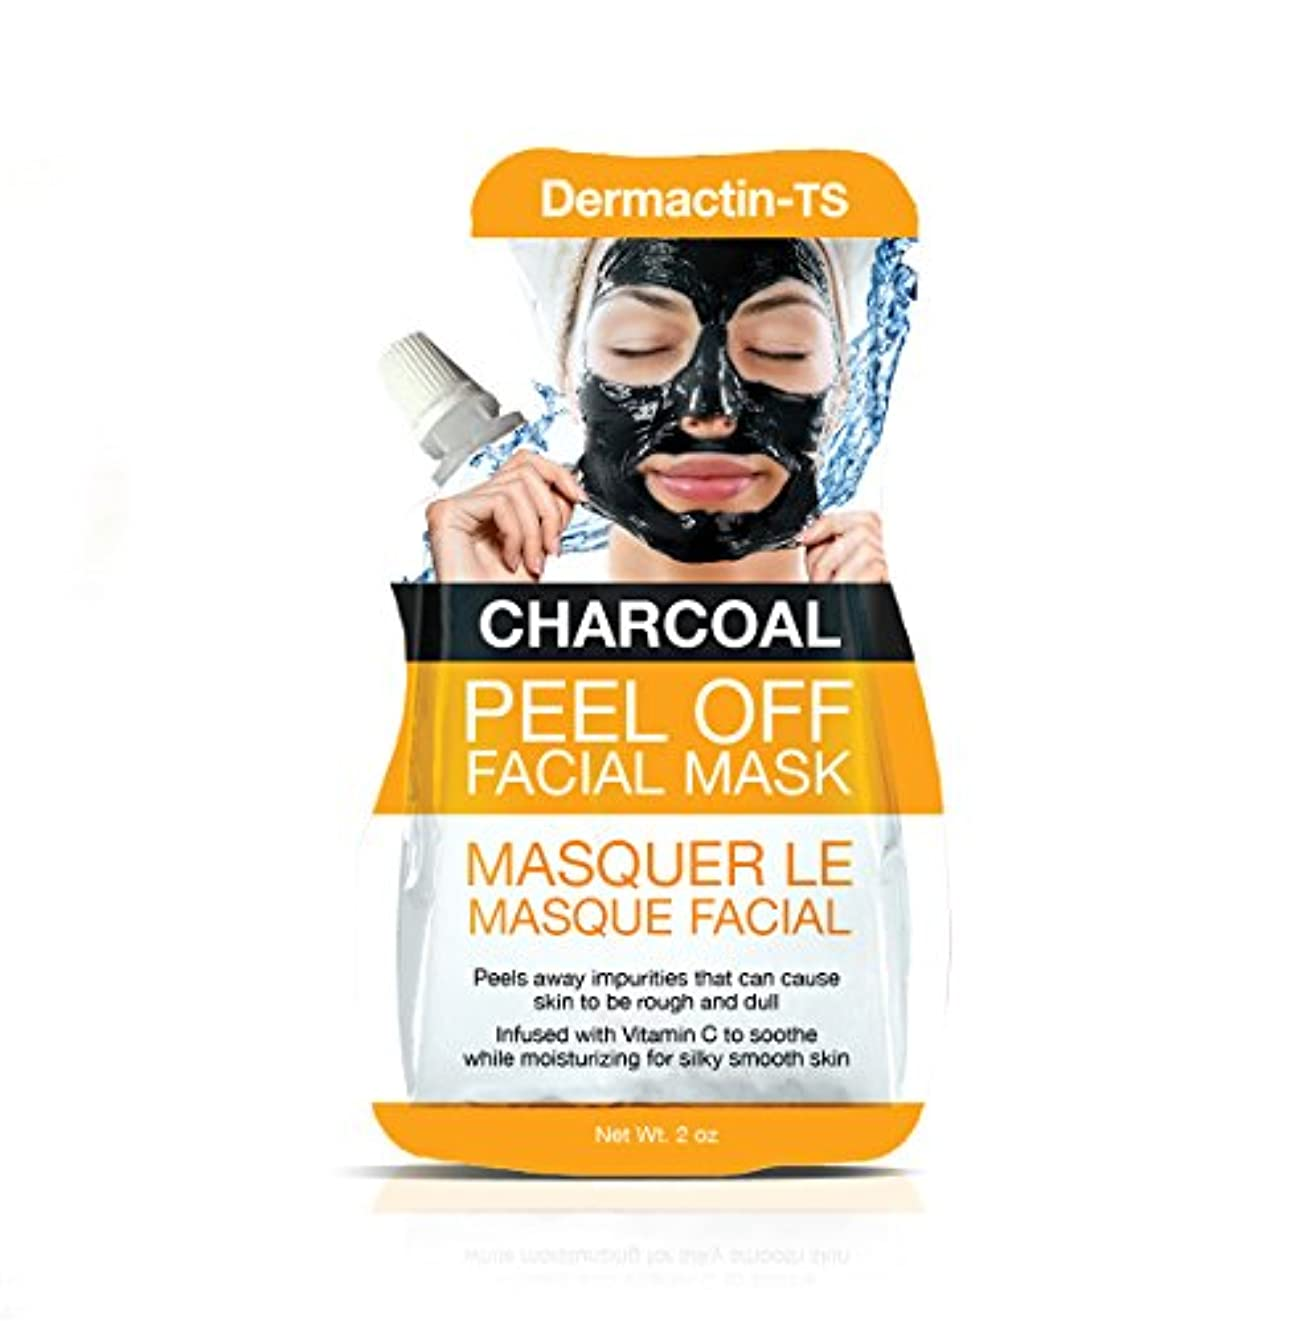 タップ誤解を招くボーダーDermactin-TS フェイシャルマスクを剥がすチャコール50 g (並行輸入品)